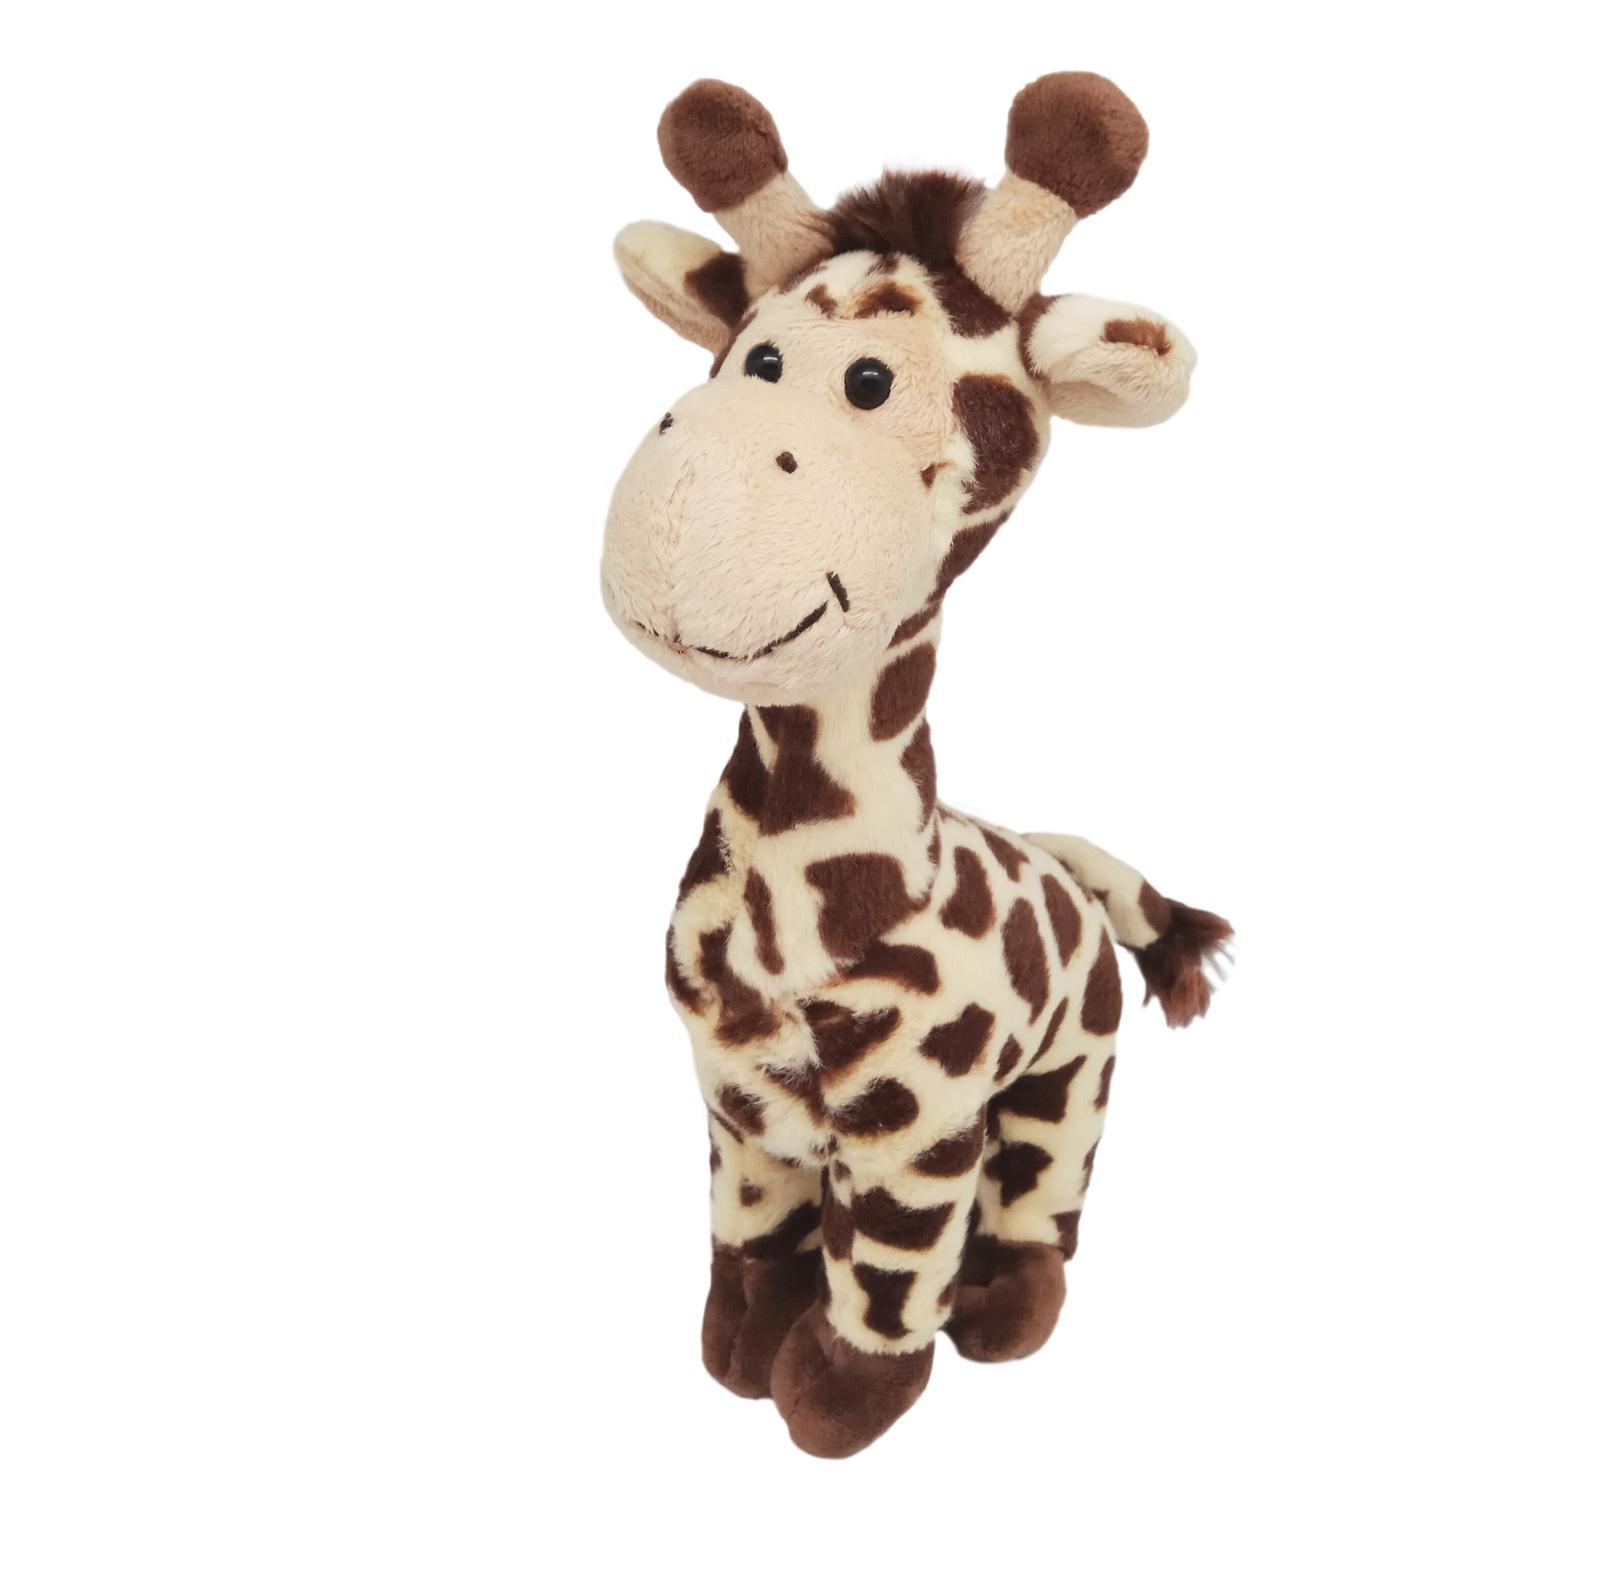 АБВГДЕЙКА Мягкая игрушка Жираф, 25 см